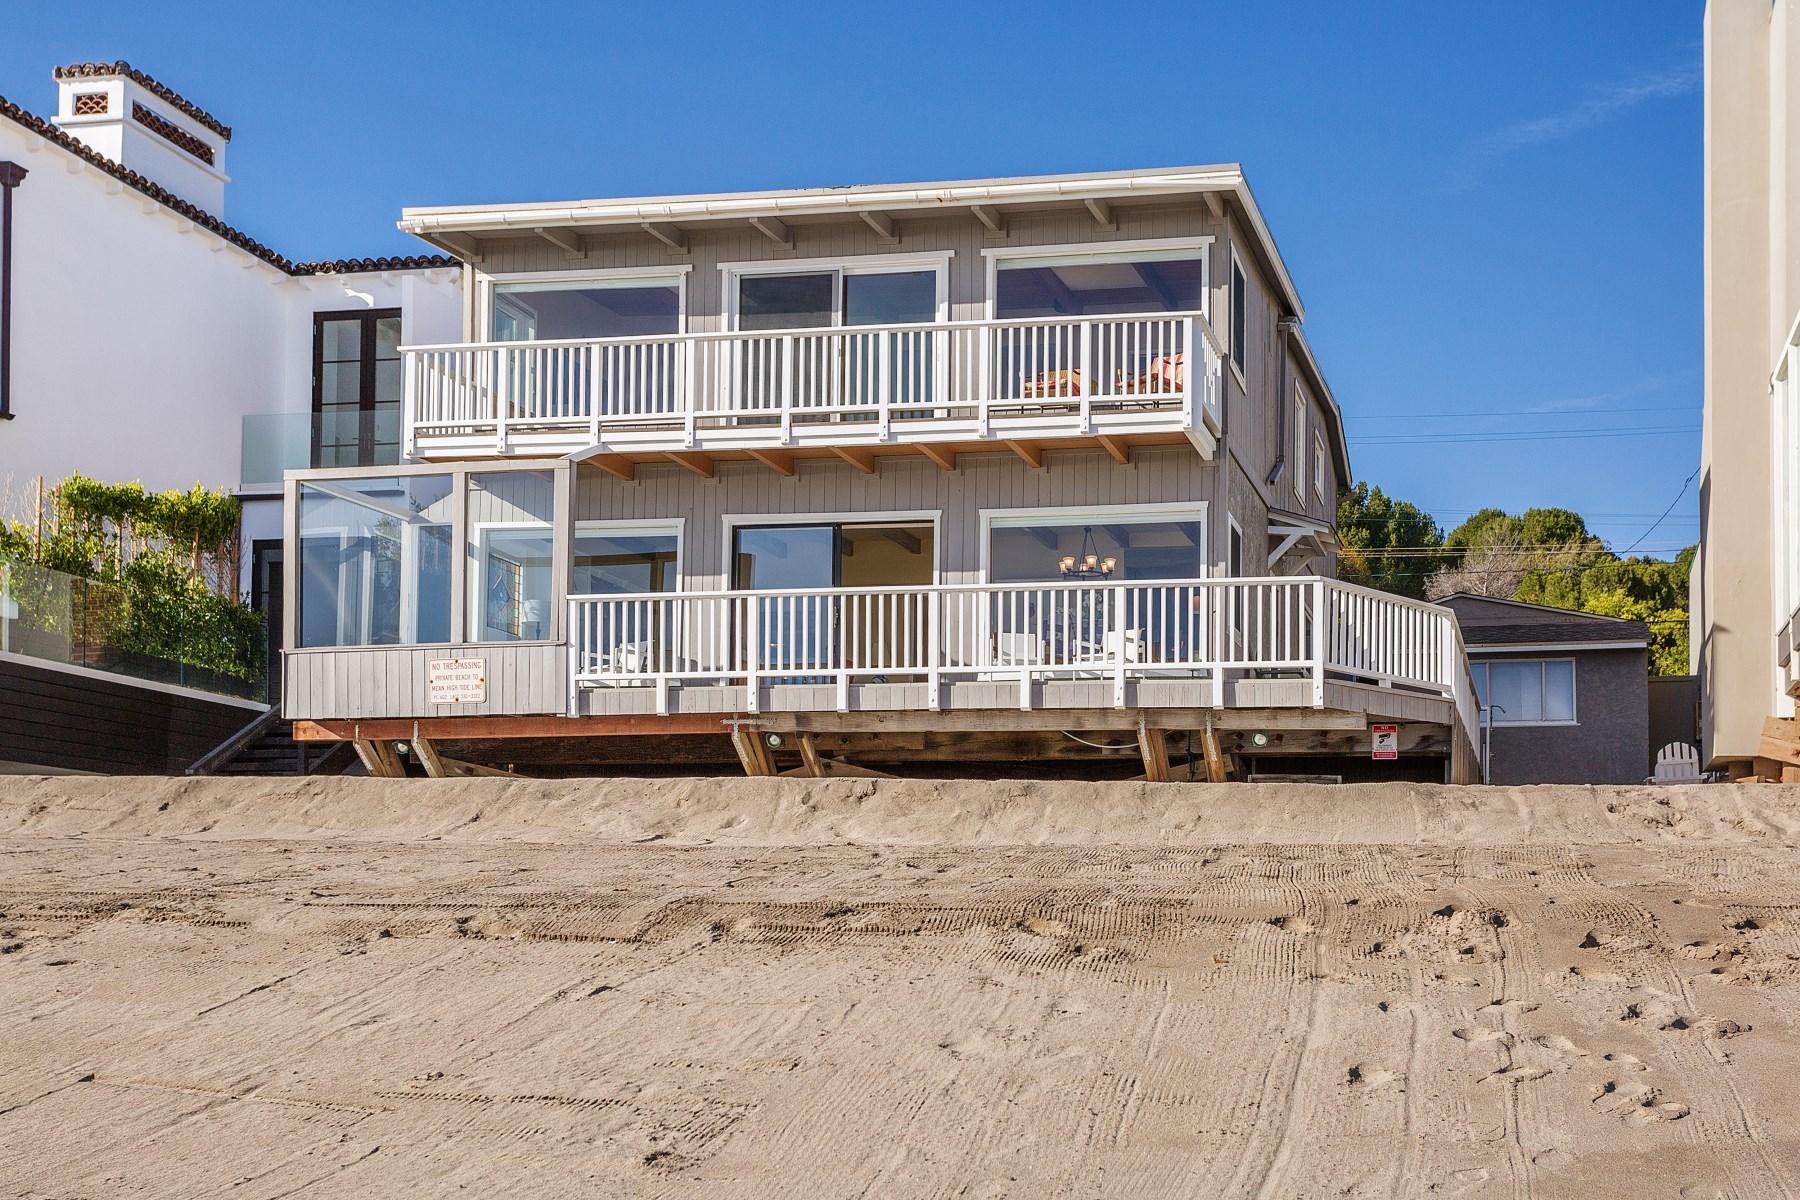 Maison unifamiliale pour l Vente à Ocean View Escondido Beach 27208 Pacific Coast Highway Malibu, Californie, 90265 États-Unis